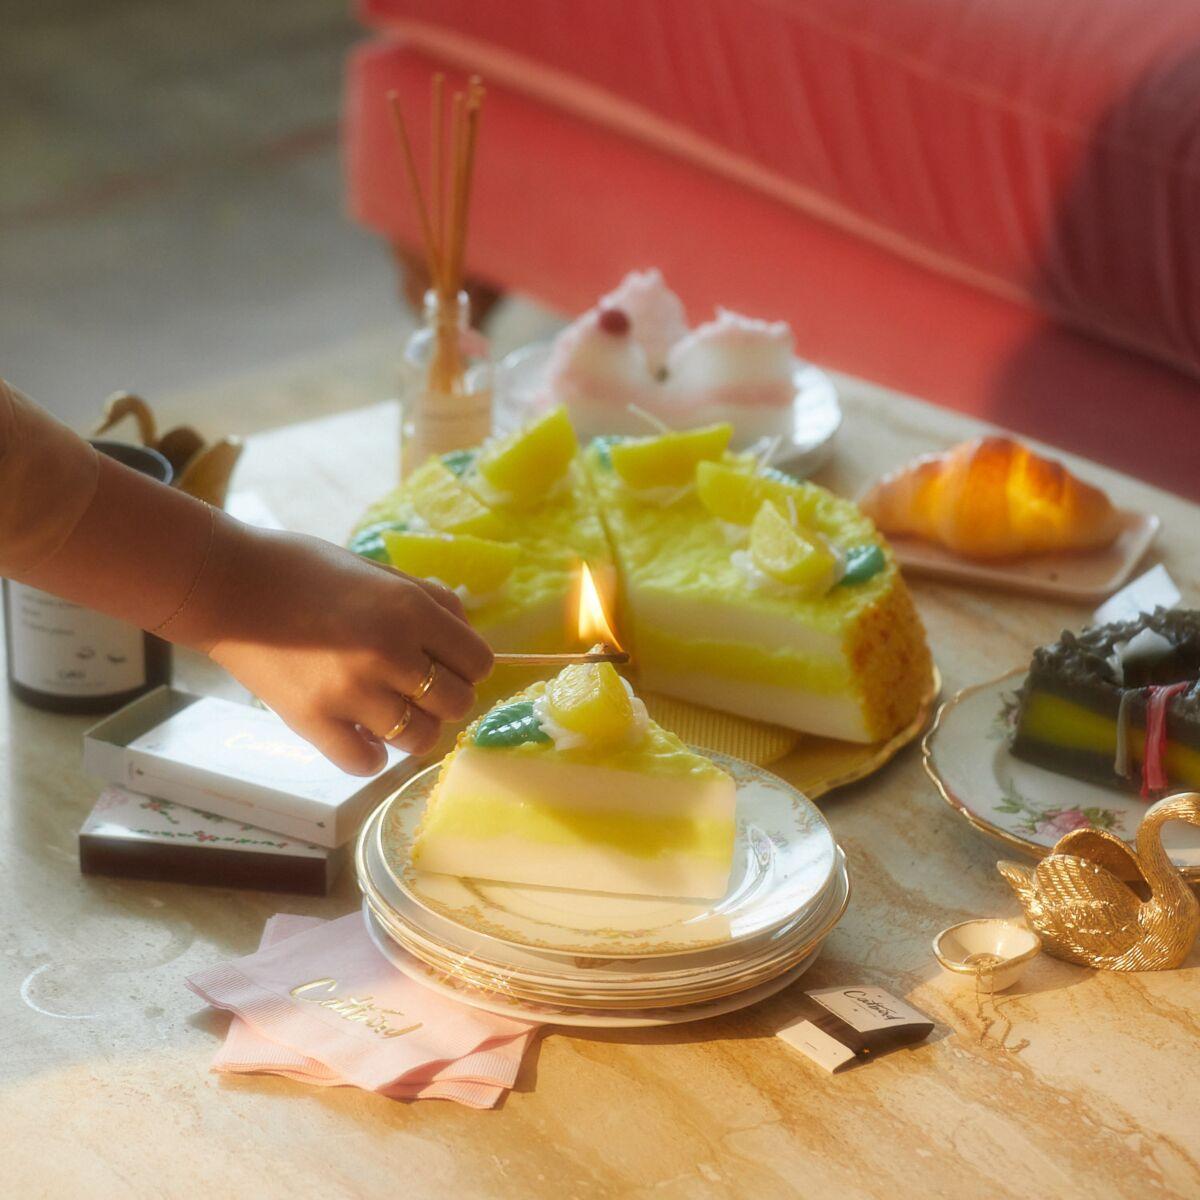 Piece of Cake Candle, Lemon image